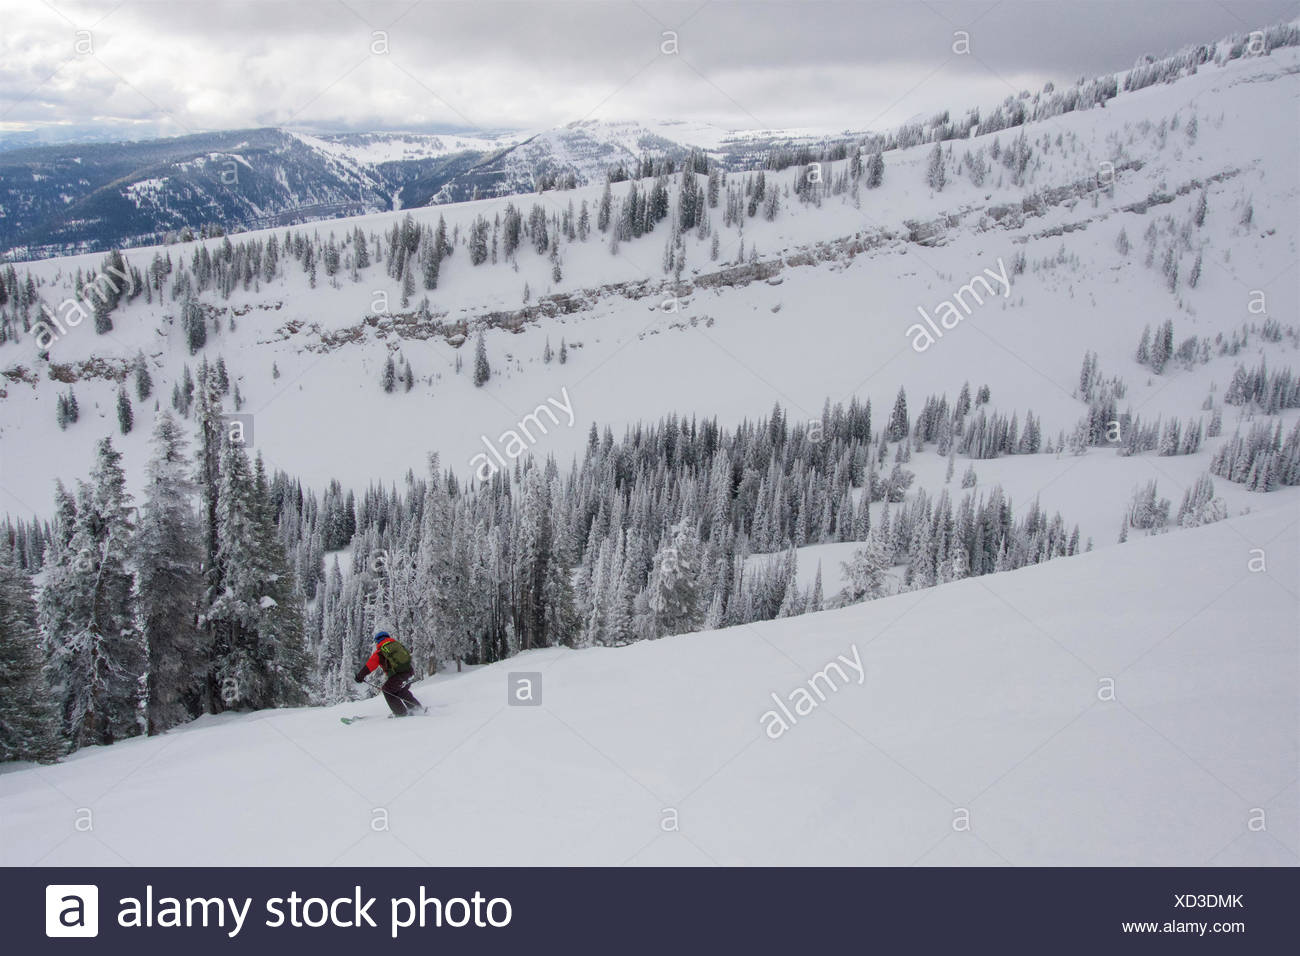 Ein jugendlich Junge Skifahren in der Nähe von rime Bäume in den Bergen an einem bewölkten Tag abgedeckt. Stockbild